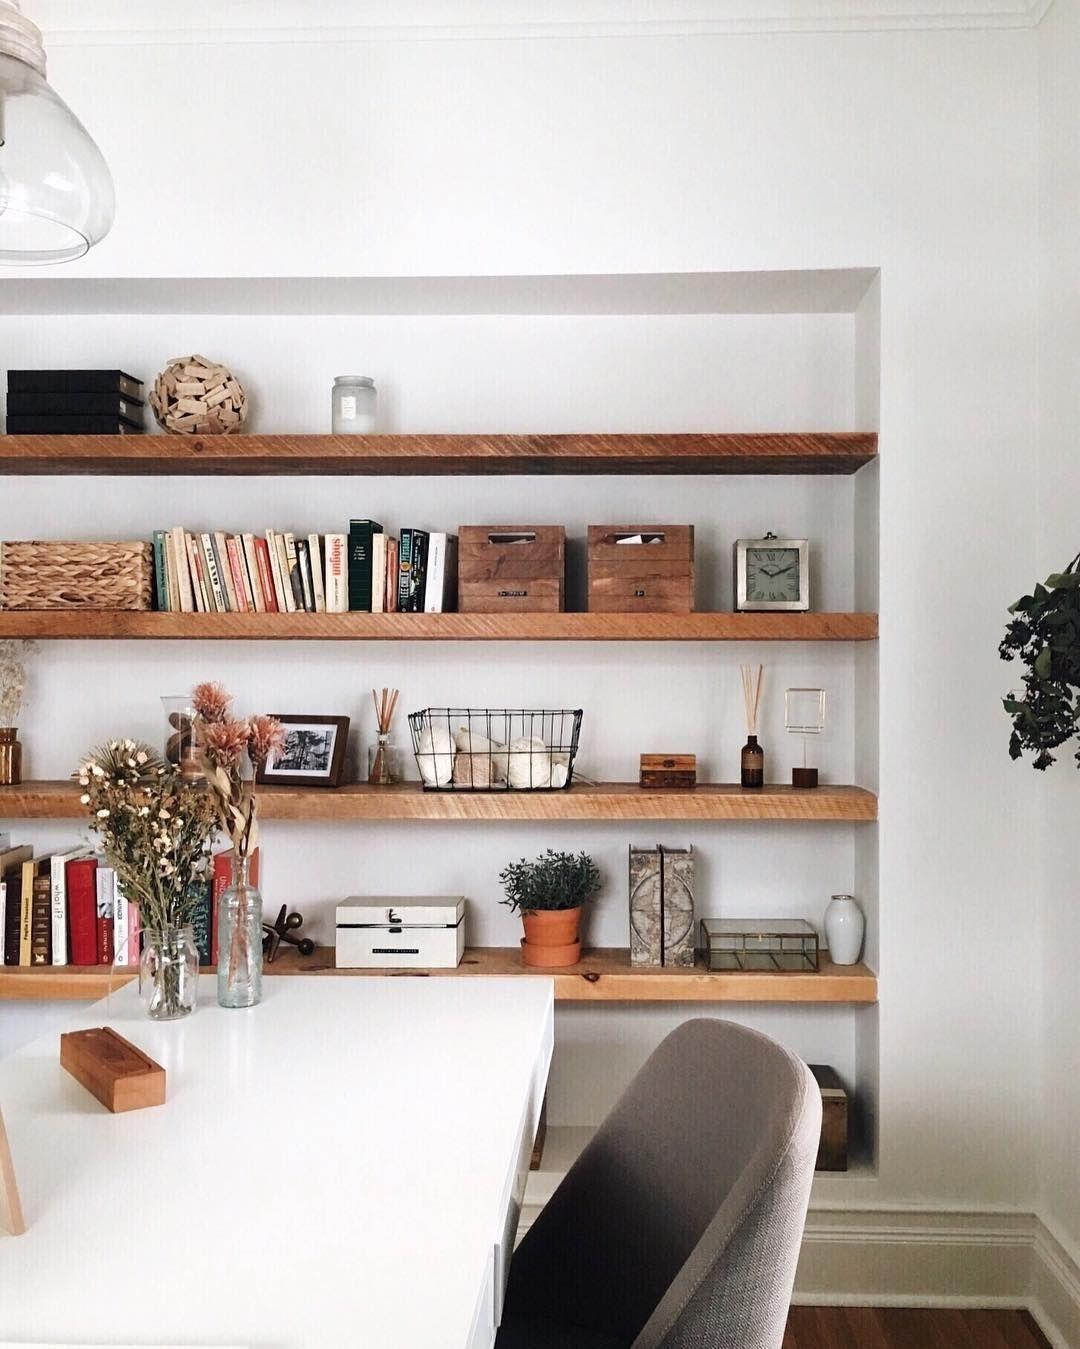 Homedesignideas Eu: The Scandinavian Design Secret To Make Your Home Feel